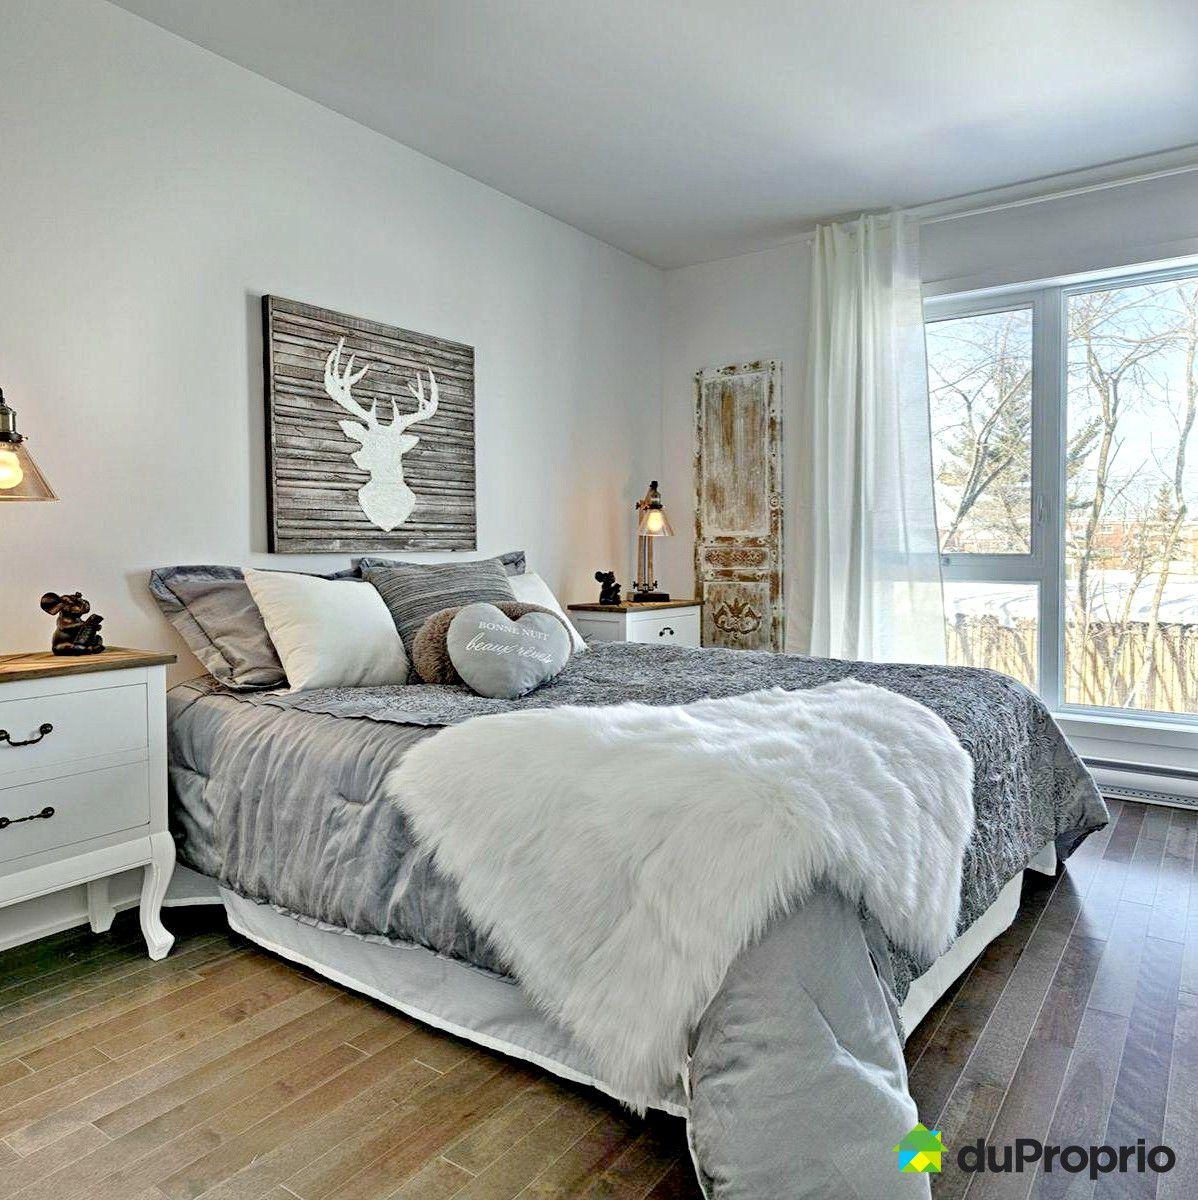 Chambre magnifique plusieurs id es de d corations pour la chambre coucher on aime le for Chambre a coucher style